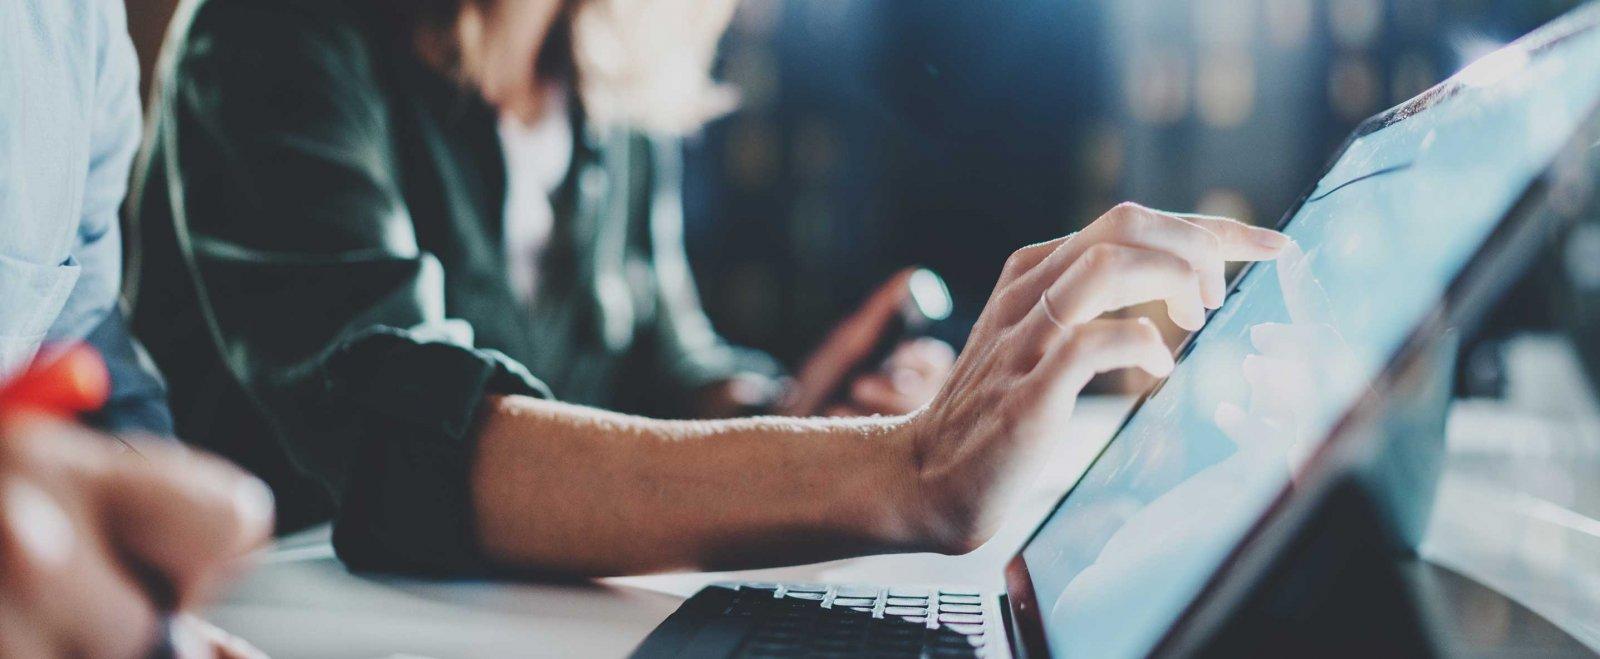 SCA: Sichere Authentifizierung beim Bezahlen im Netz